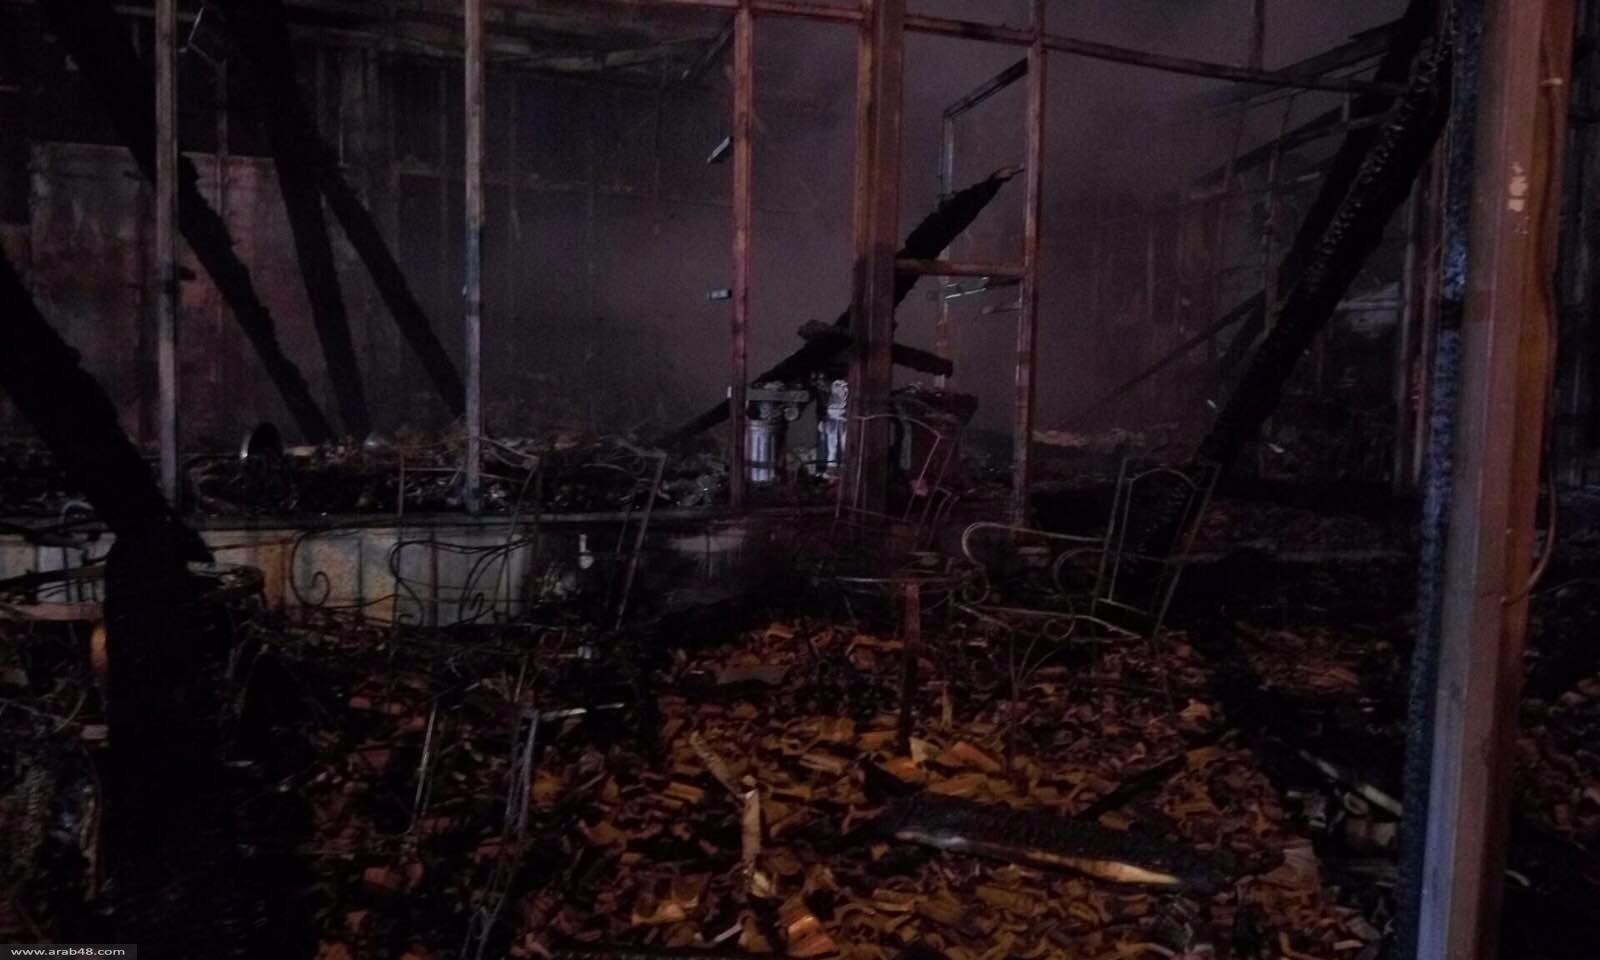 أم الفحم: حريق هائل في بناية مكونة من 3 طوابق